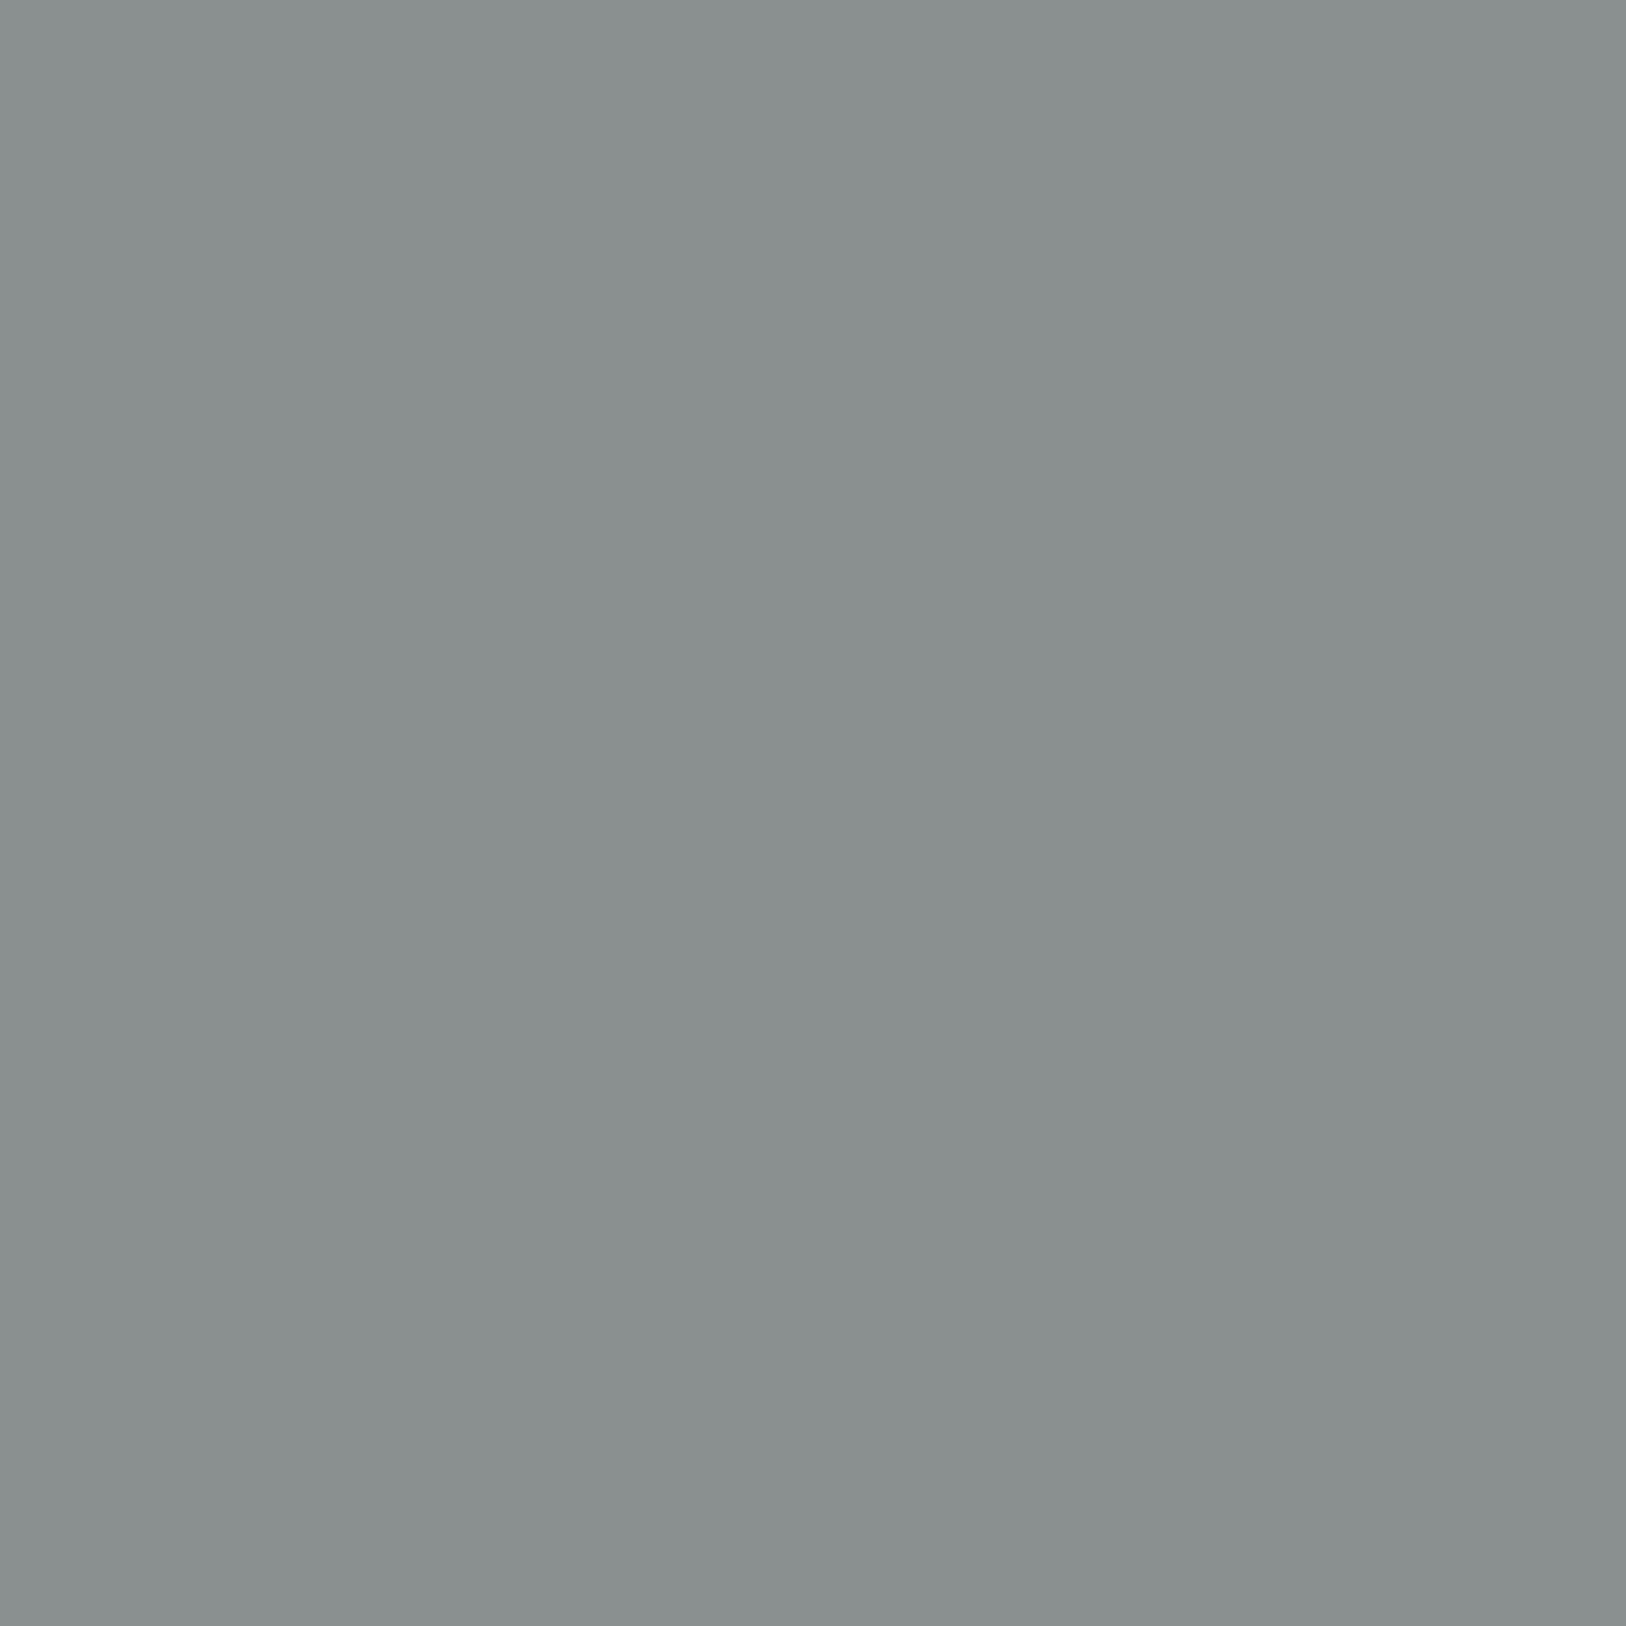 Bacau plain grey wallpaper departments diy at b q - Solid light gray wallpaper ...